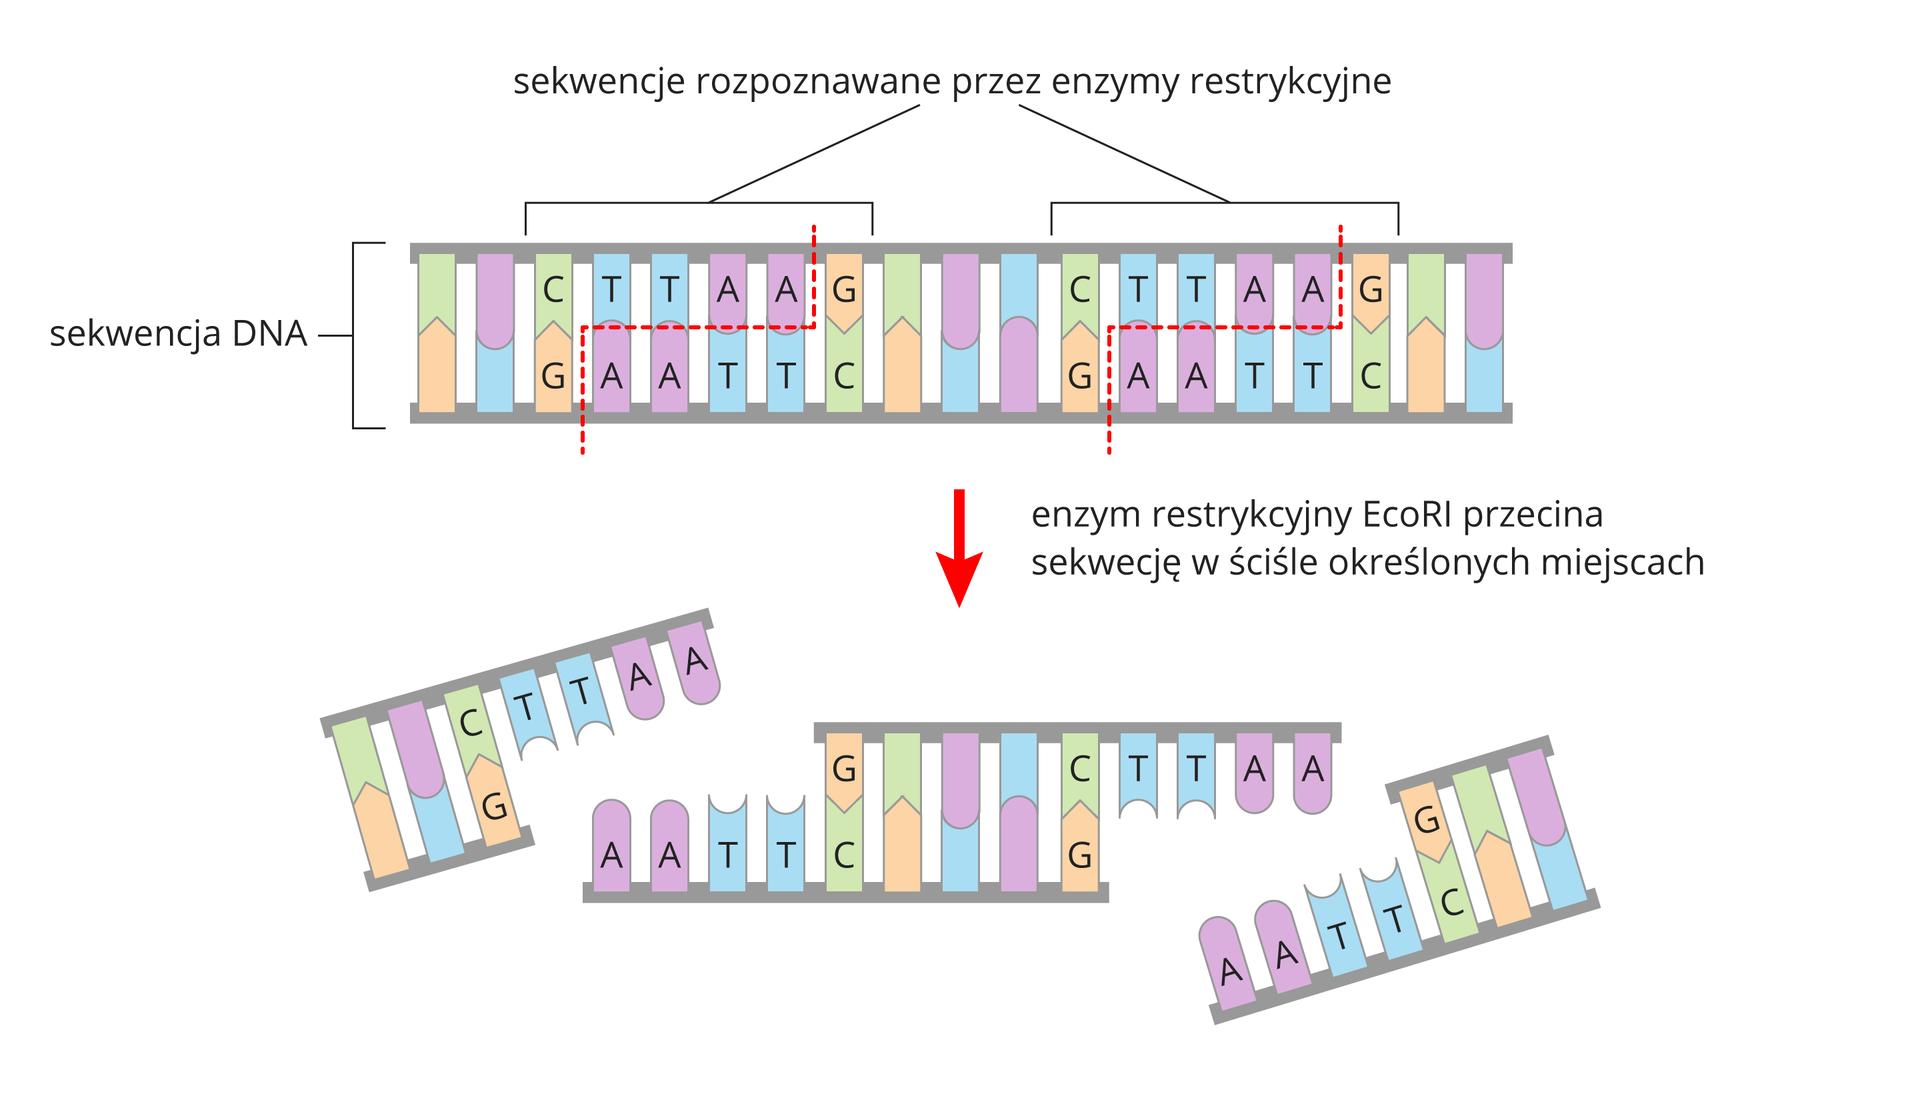 Ilustracja przestawia przy pomocy kolorowych klocków schemat działania enzymów restrykcyjnych. Klocki symbolizują cząsteczkę DNA. Strzałka wdół wskazuje, że enzymy rozcinają nici DNA wokreślonych miejscach. Powstały trzy fragmenty nici.